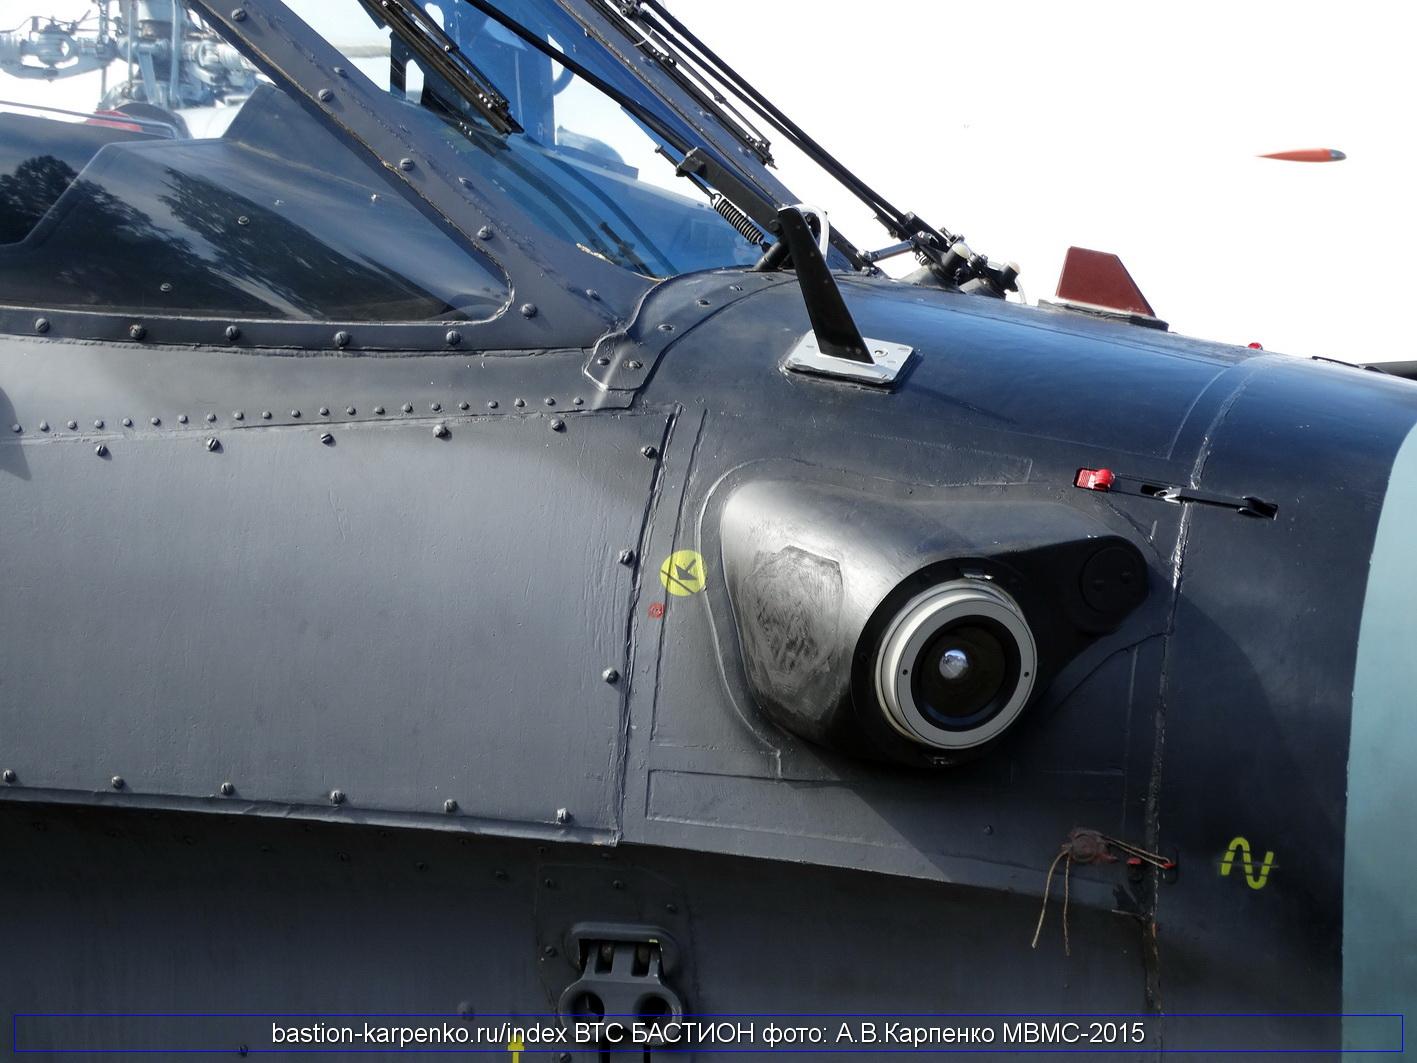 ka-52k_mvms-2015_32.JPG